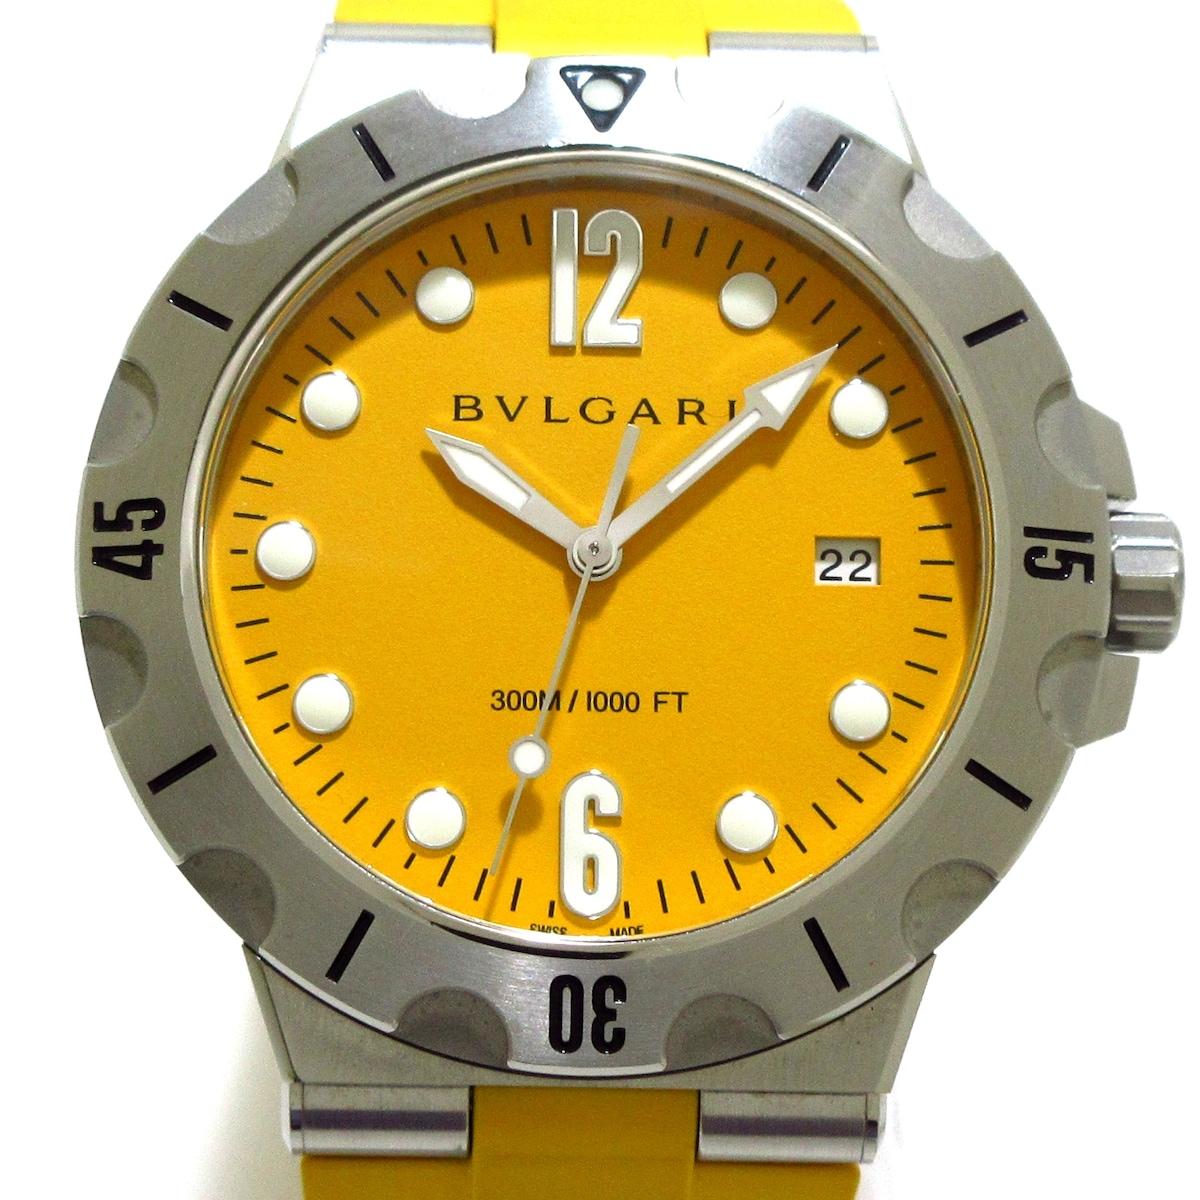 BVLGARI(ブルガリ)のディアゴノ プロフェッショナル